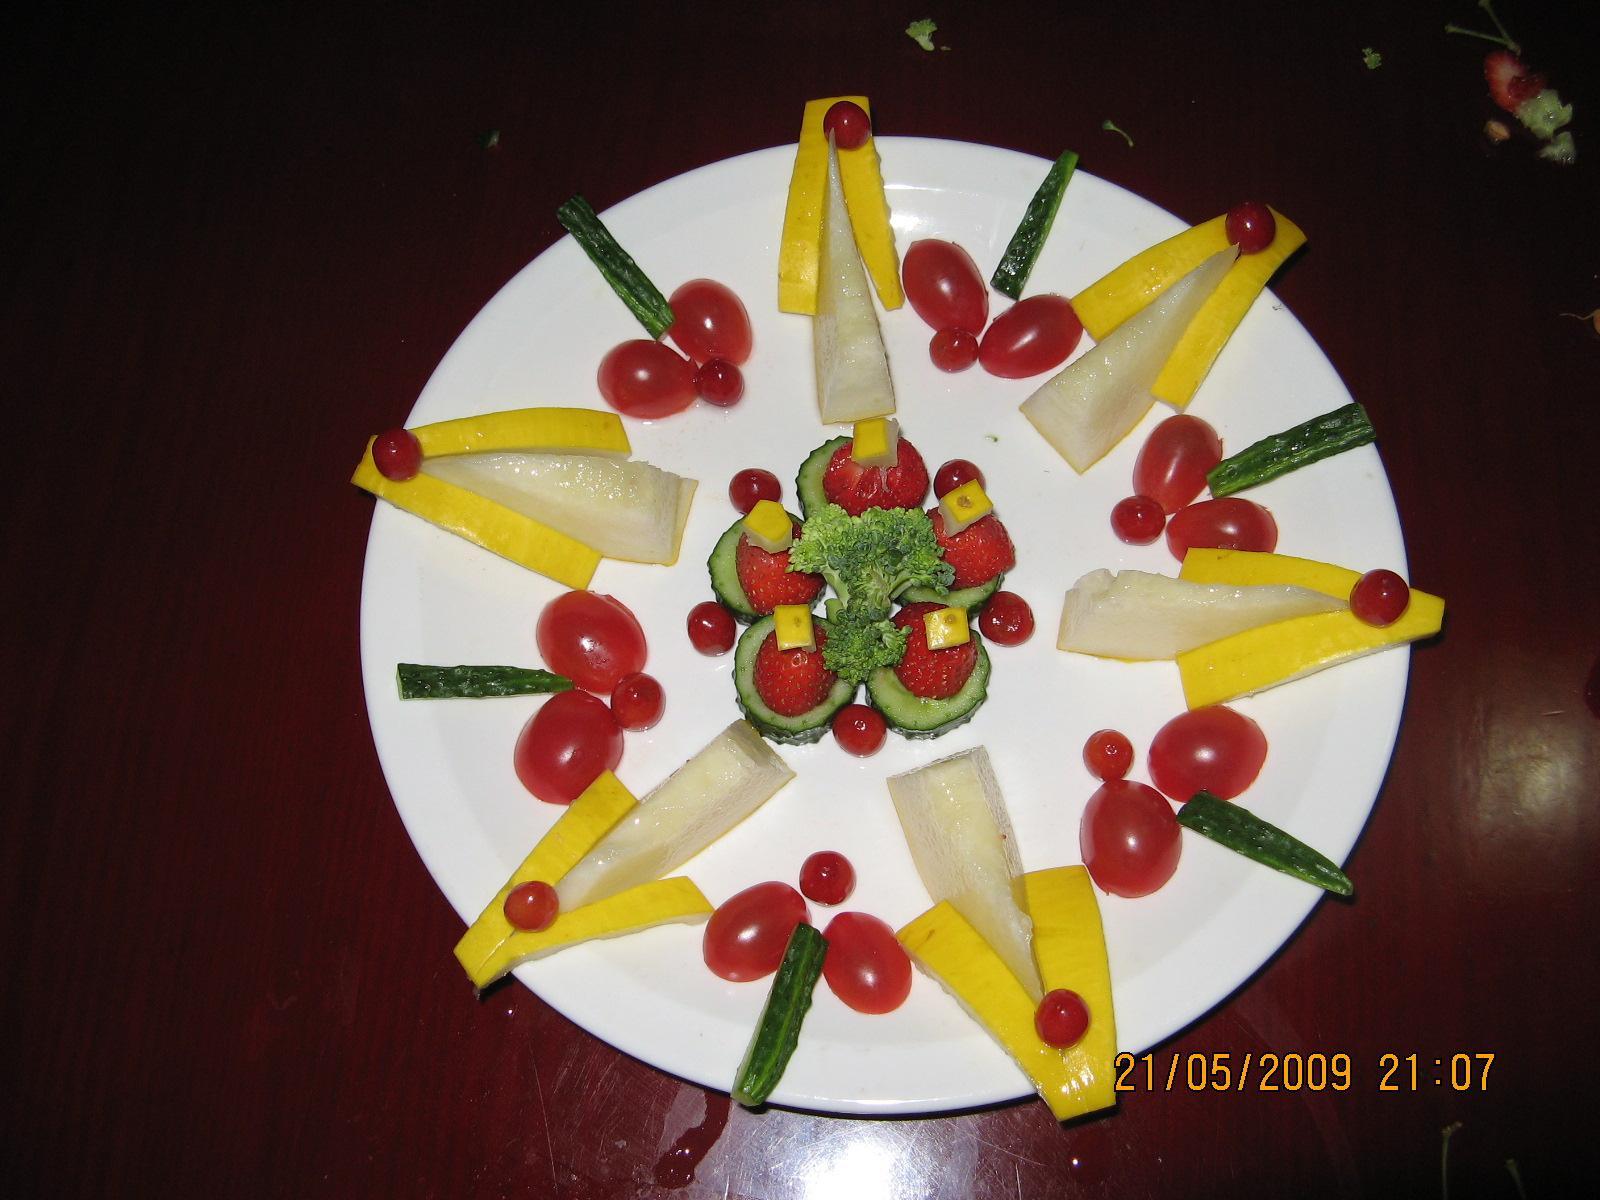 制作水果拼盘:柠檬,奇异果,香蕉,小番茄,火龙果图片